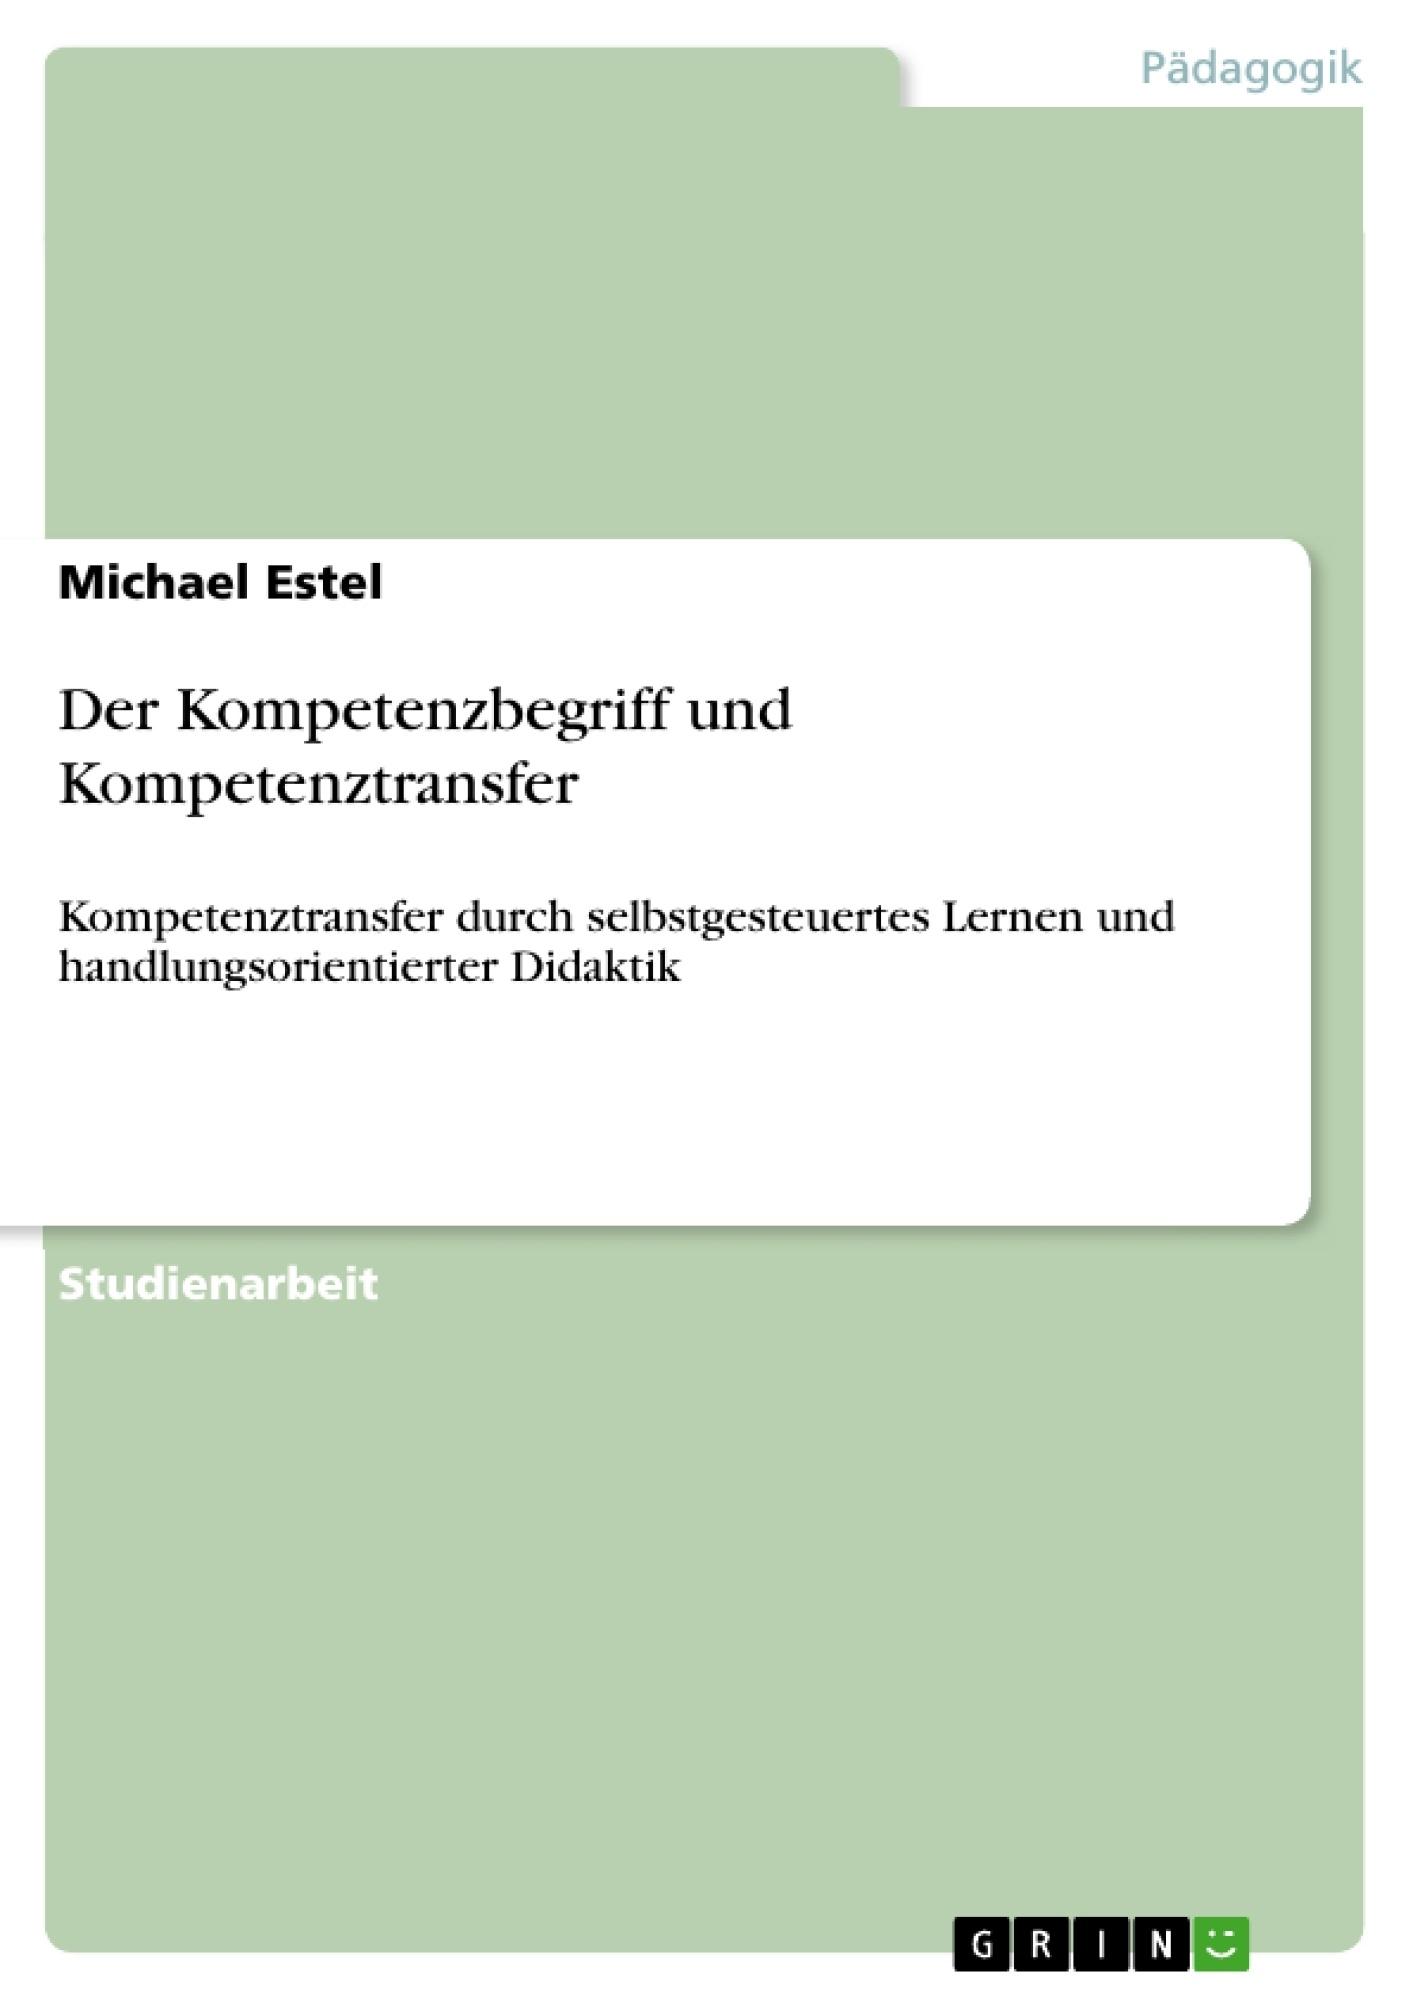 Titel: Der Kompetenzbegriff und Kompetenztransfer